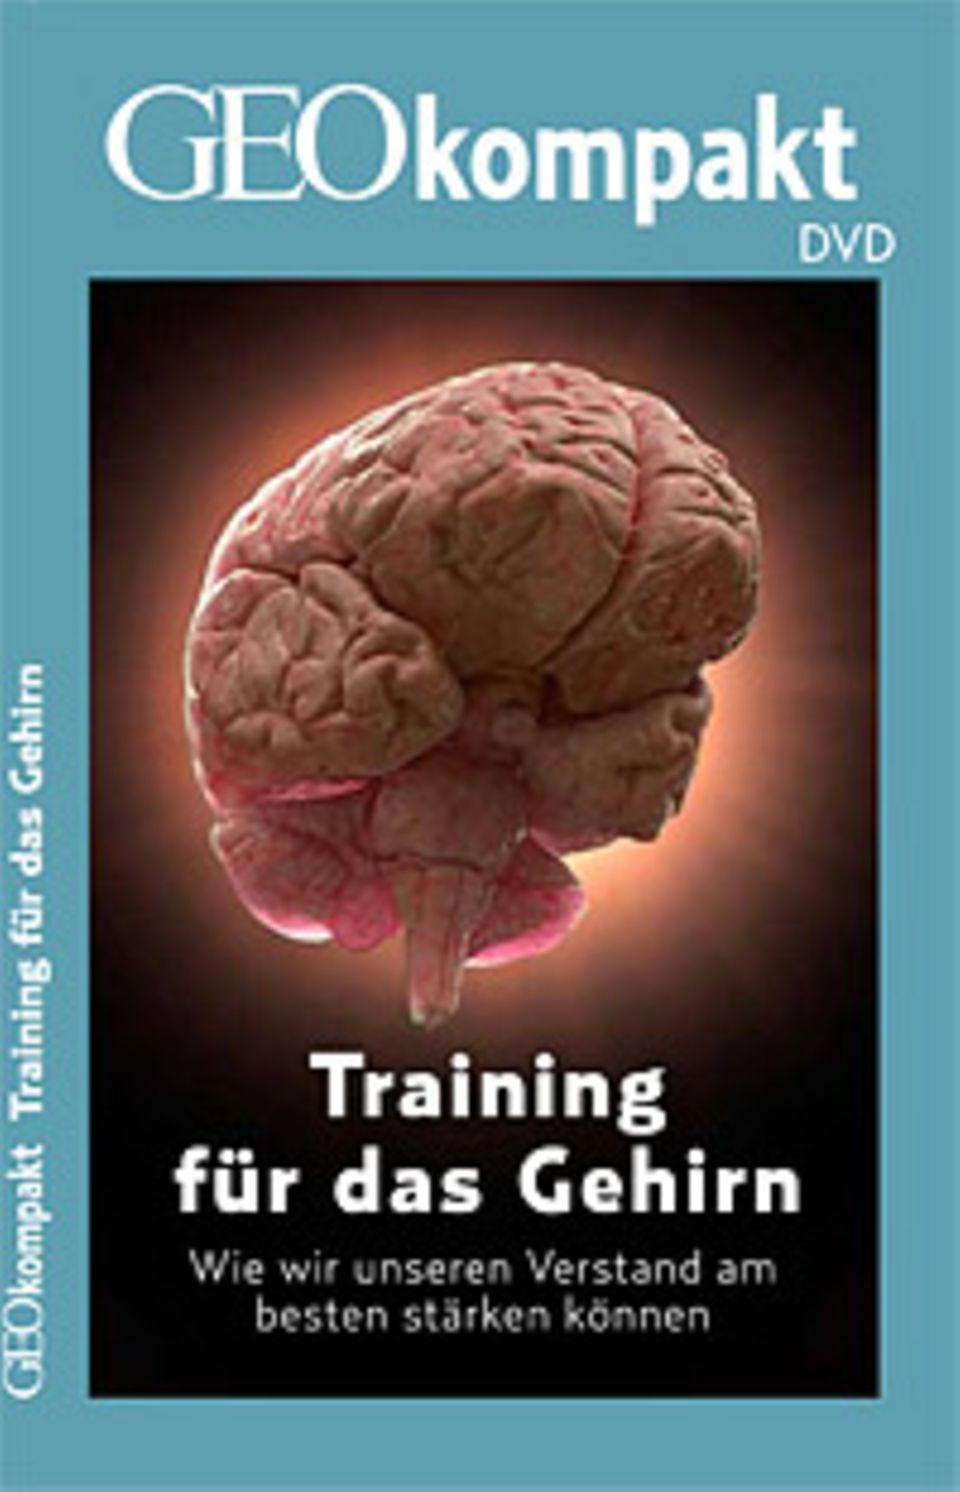 """Jung im Kopf: GEOkompakt Nr. 44 """"Jung im Kopf"""" ist auch mit DVD erhältlich"""